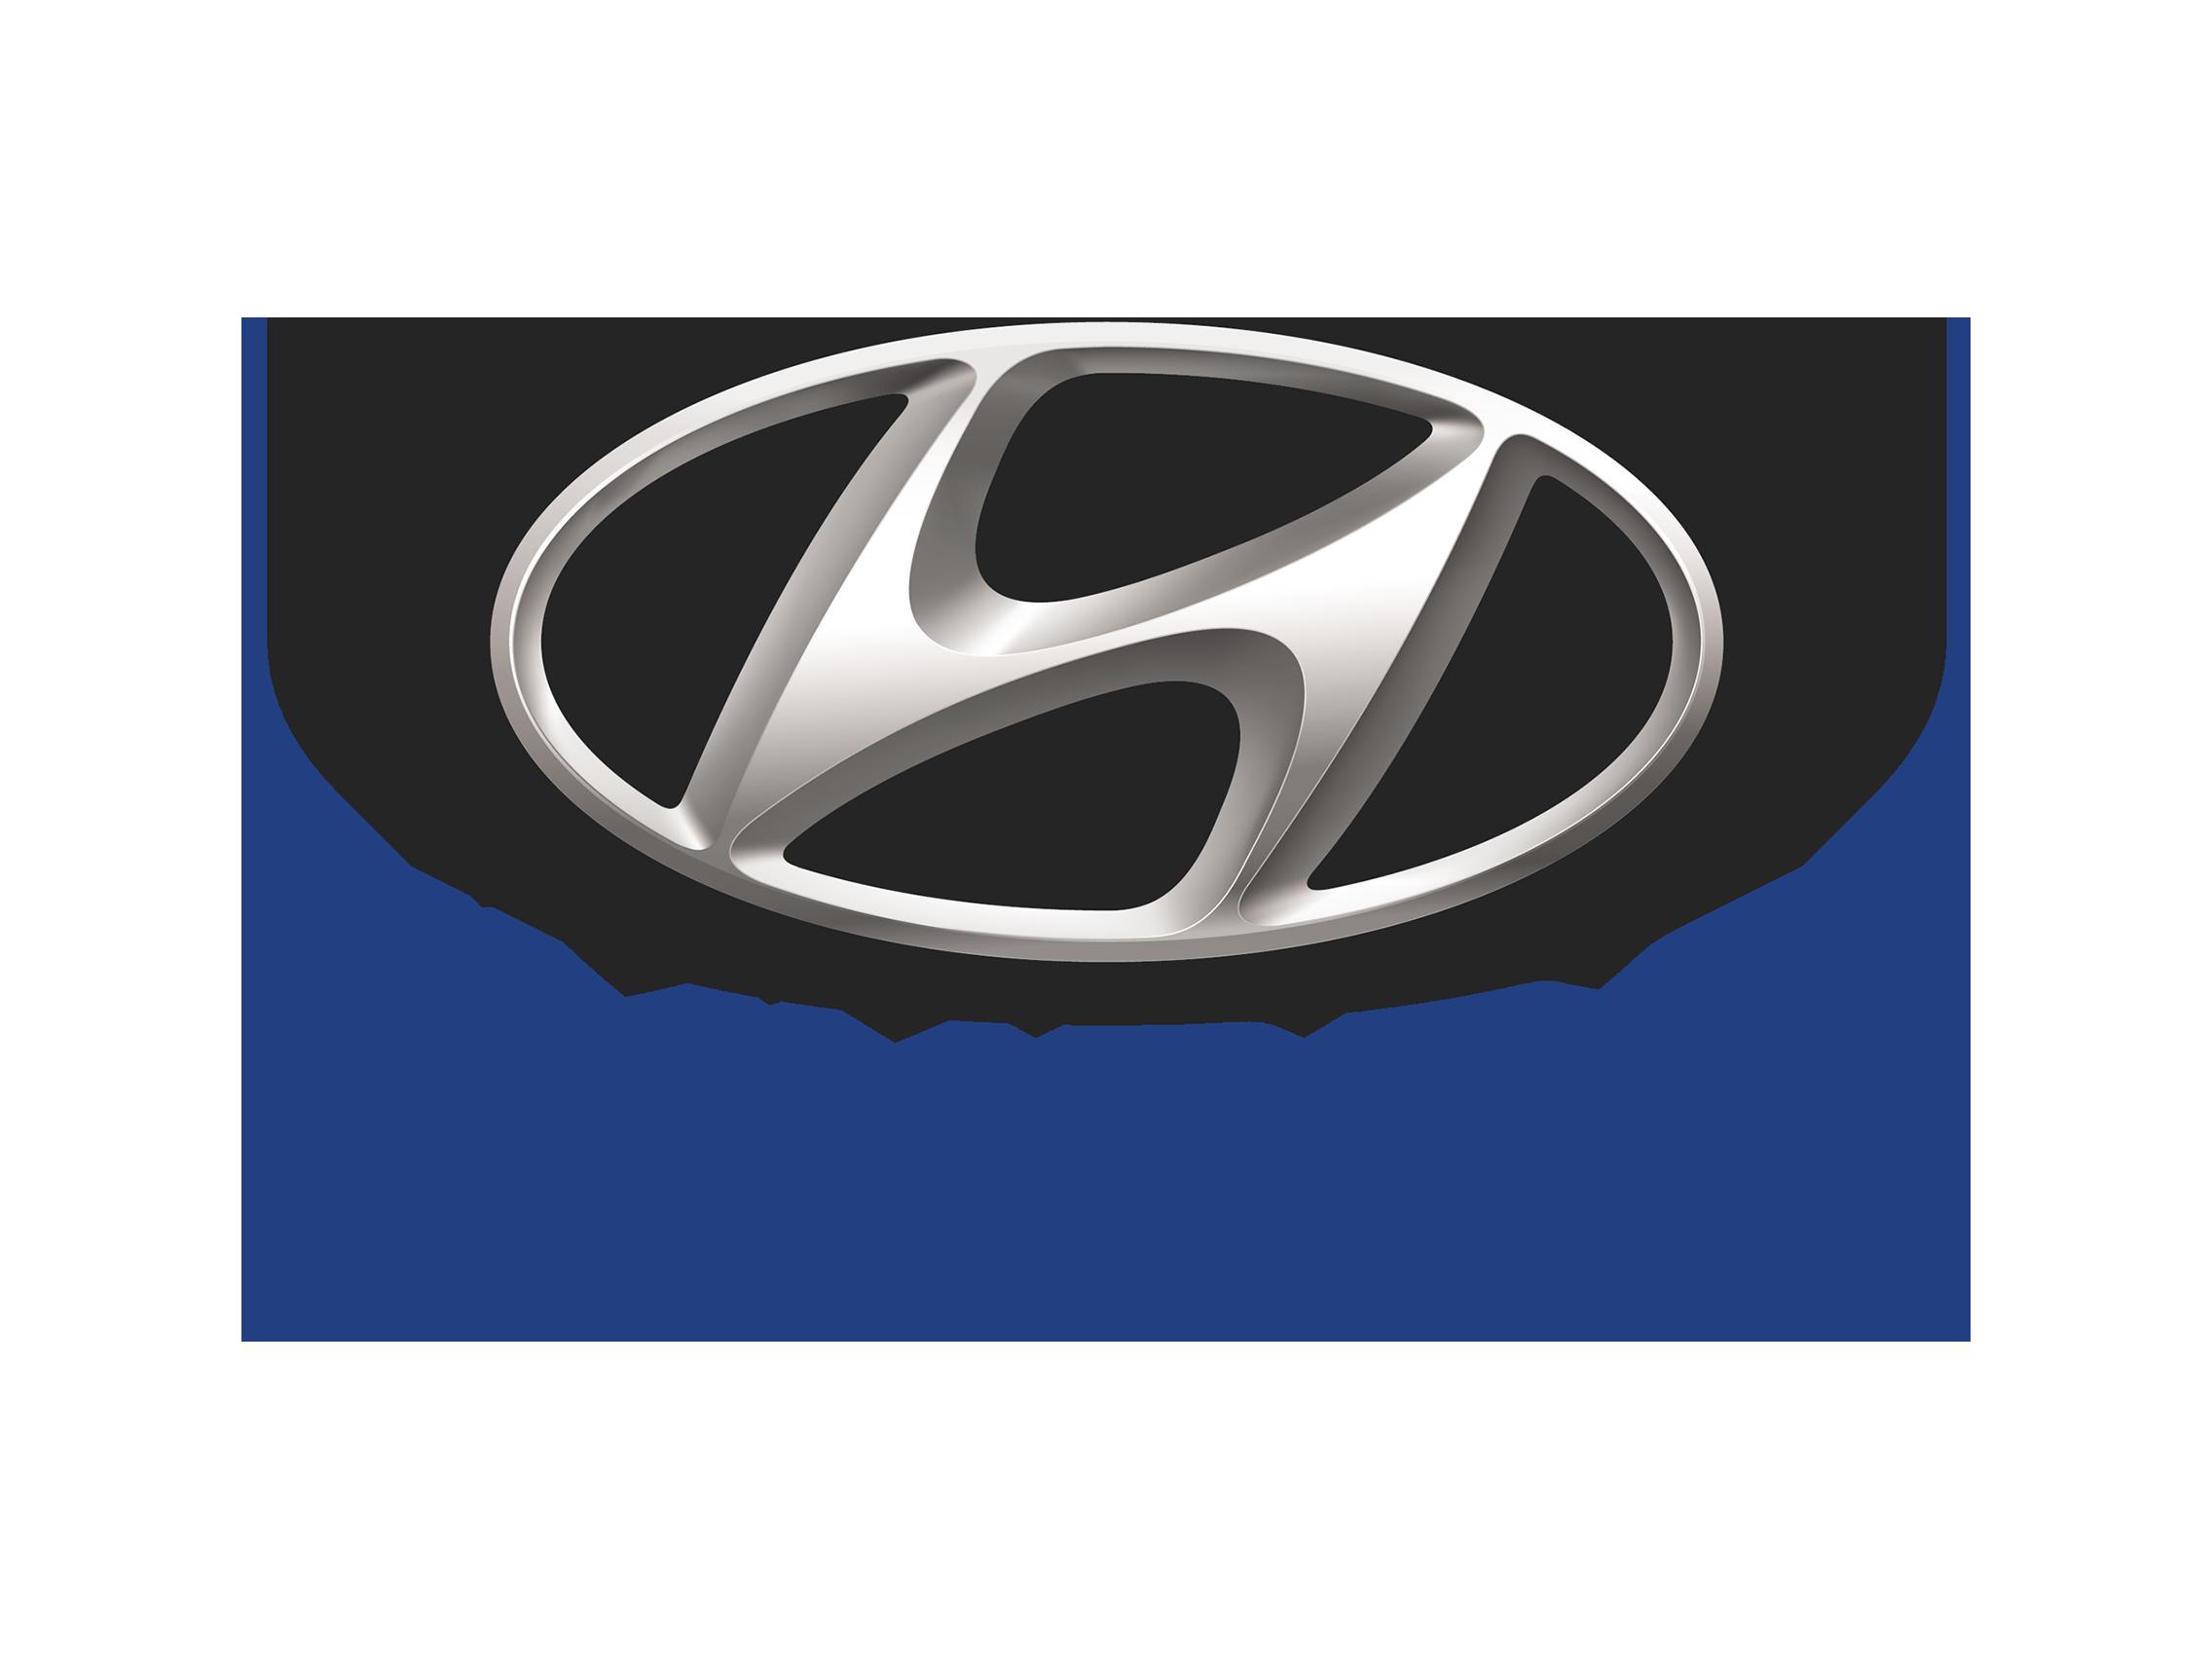 Hyundai opomenut zbog kršenja američkih propisa o garantnim uslovima